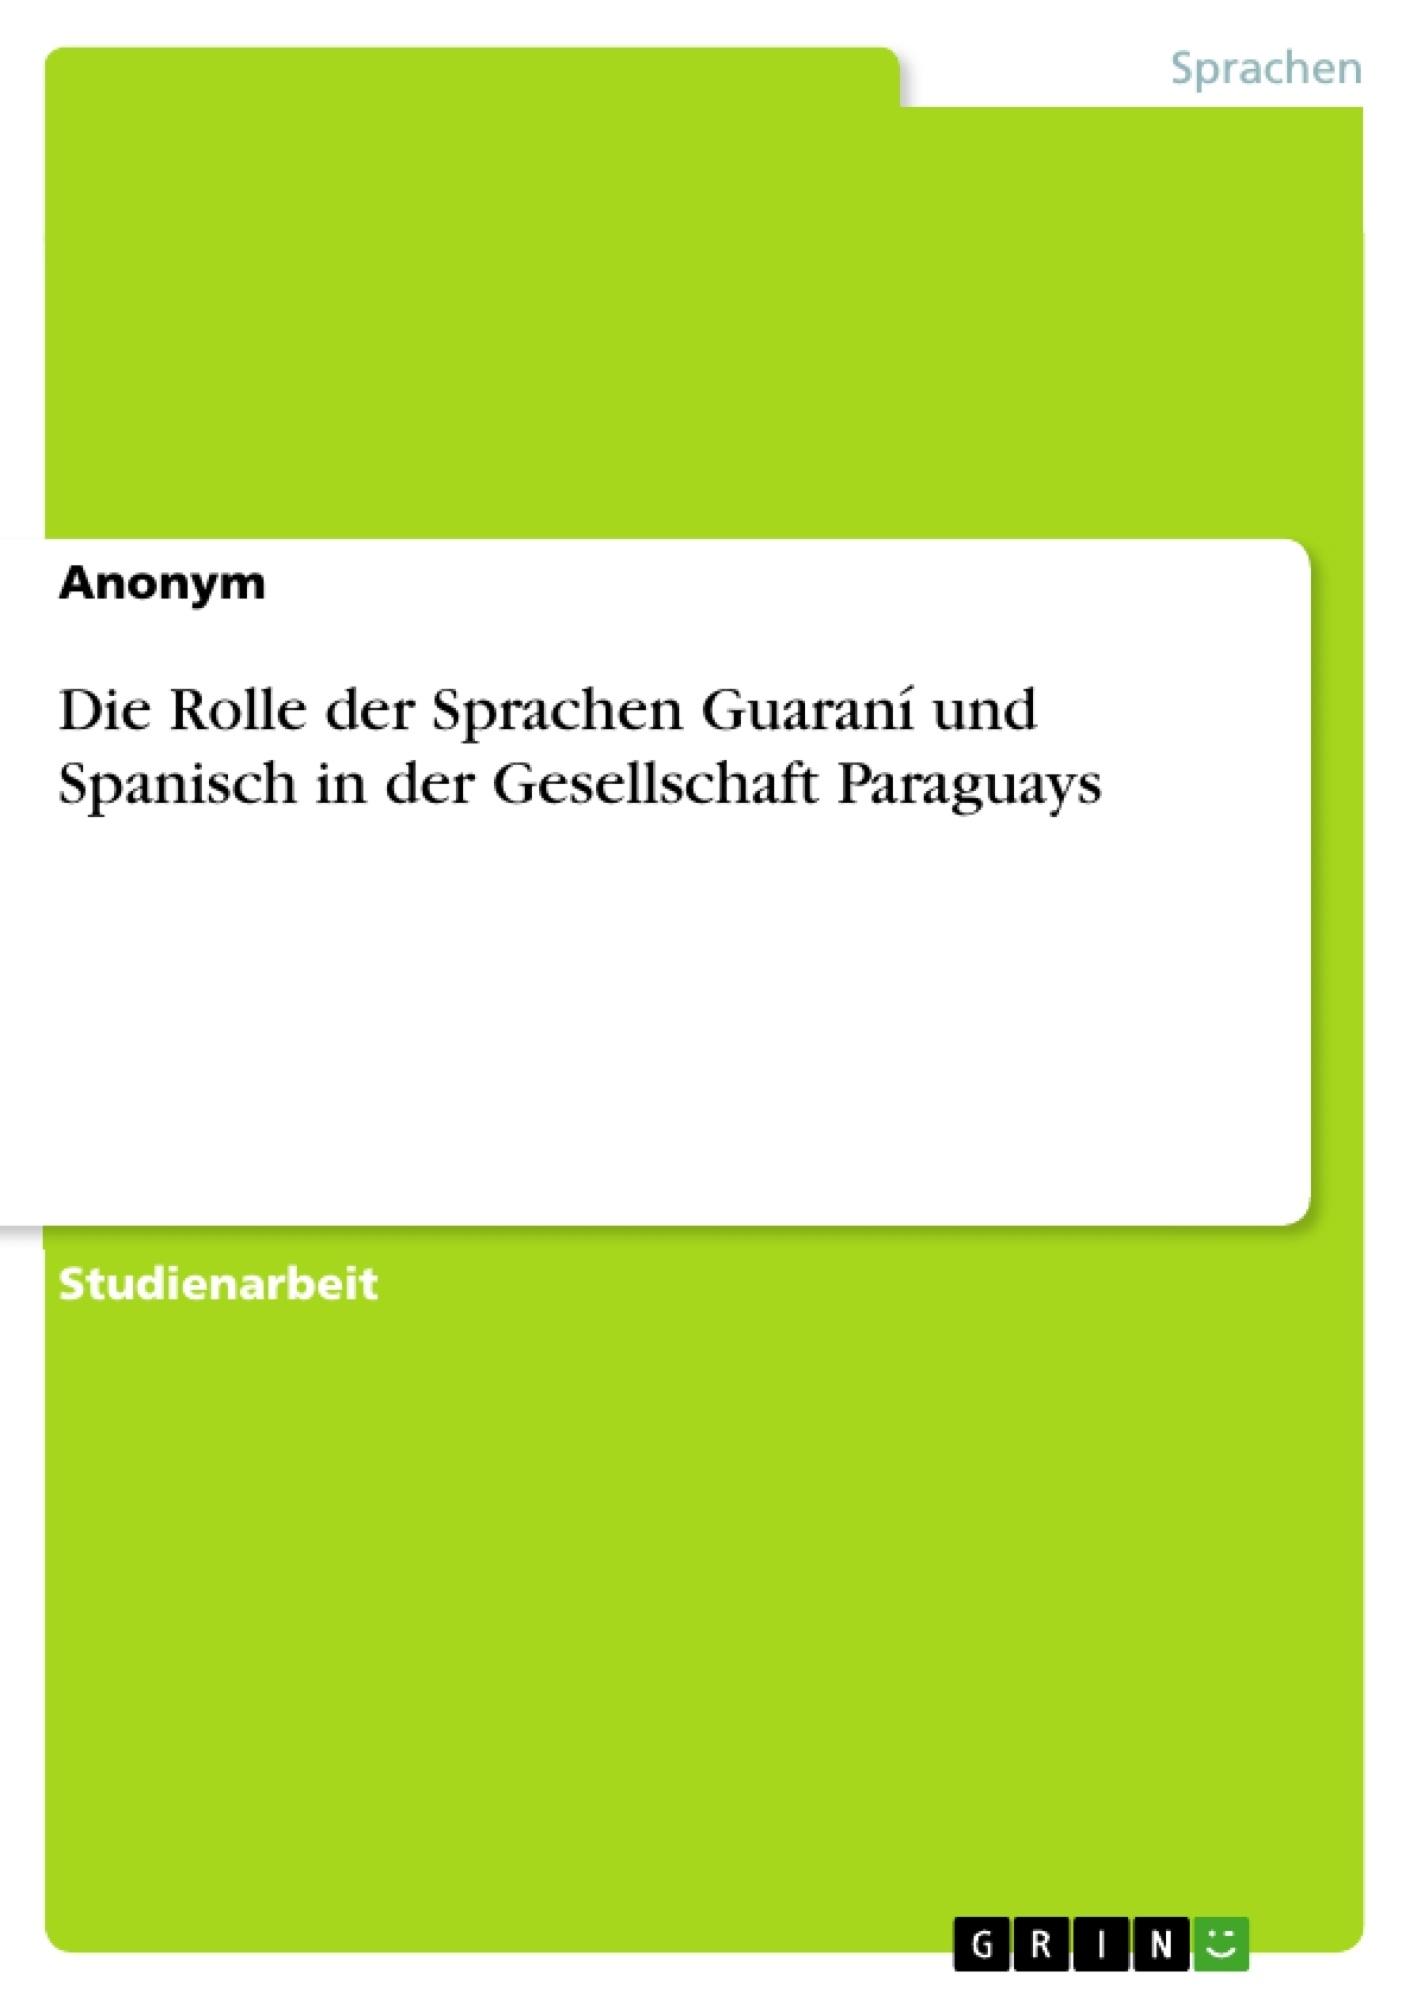 Titel: Die Rolle der Sprachen Guaraní und Spanisch in der Gesellschaft Paraguays